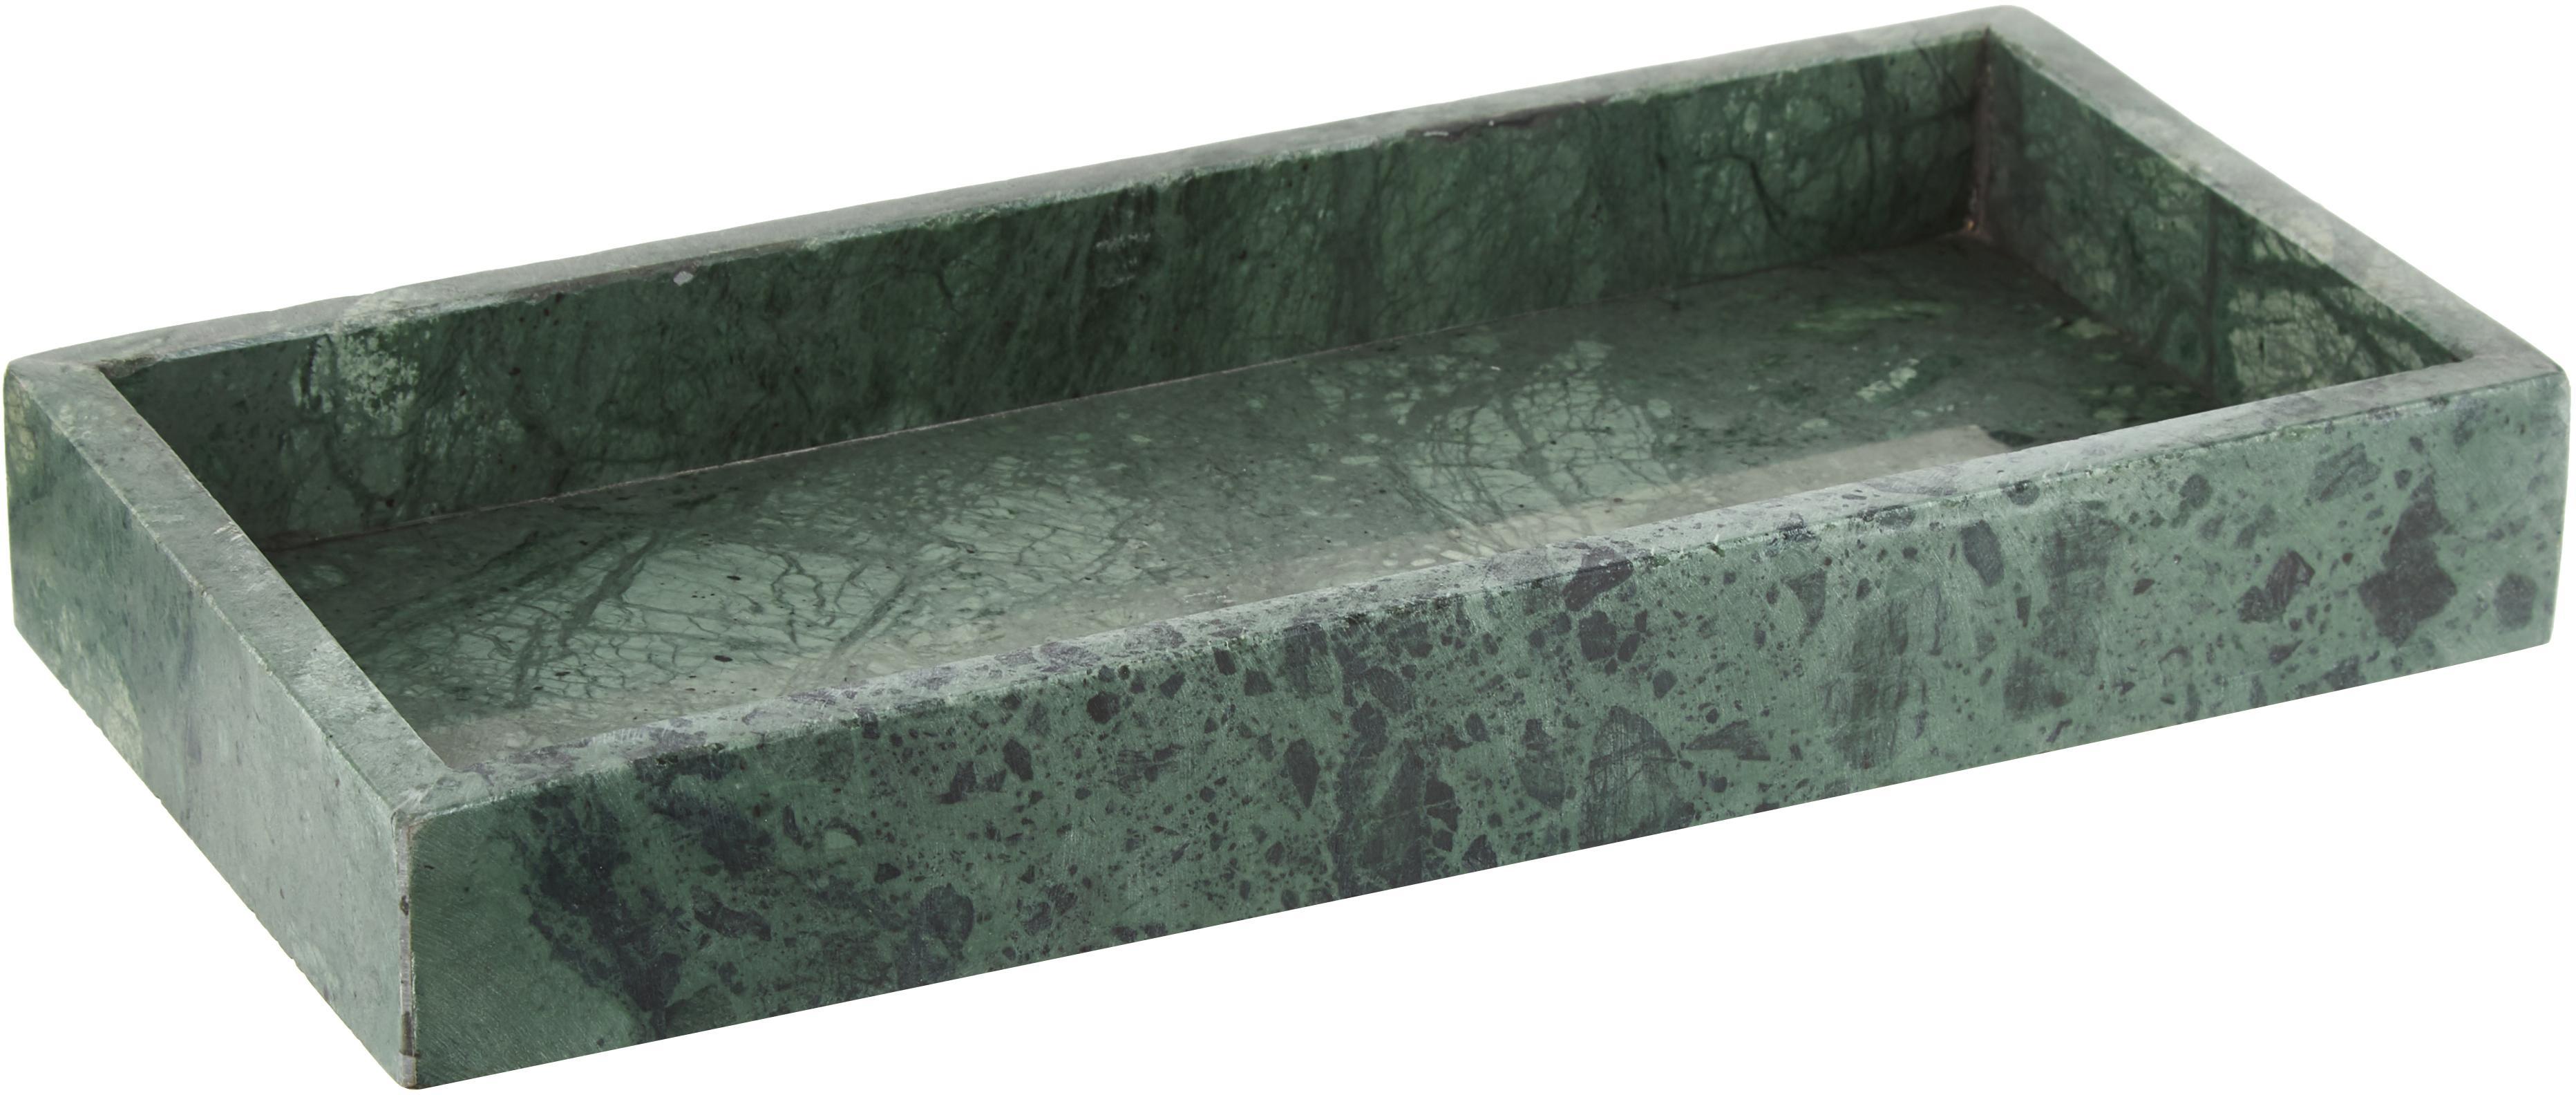 Deko-Marmor-Tablett Mera, Marmor, Grün, marmoriert, B 30 x T 15 cm